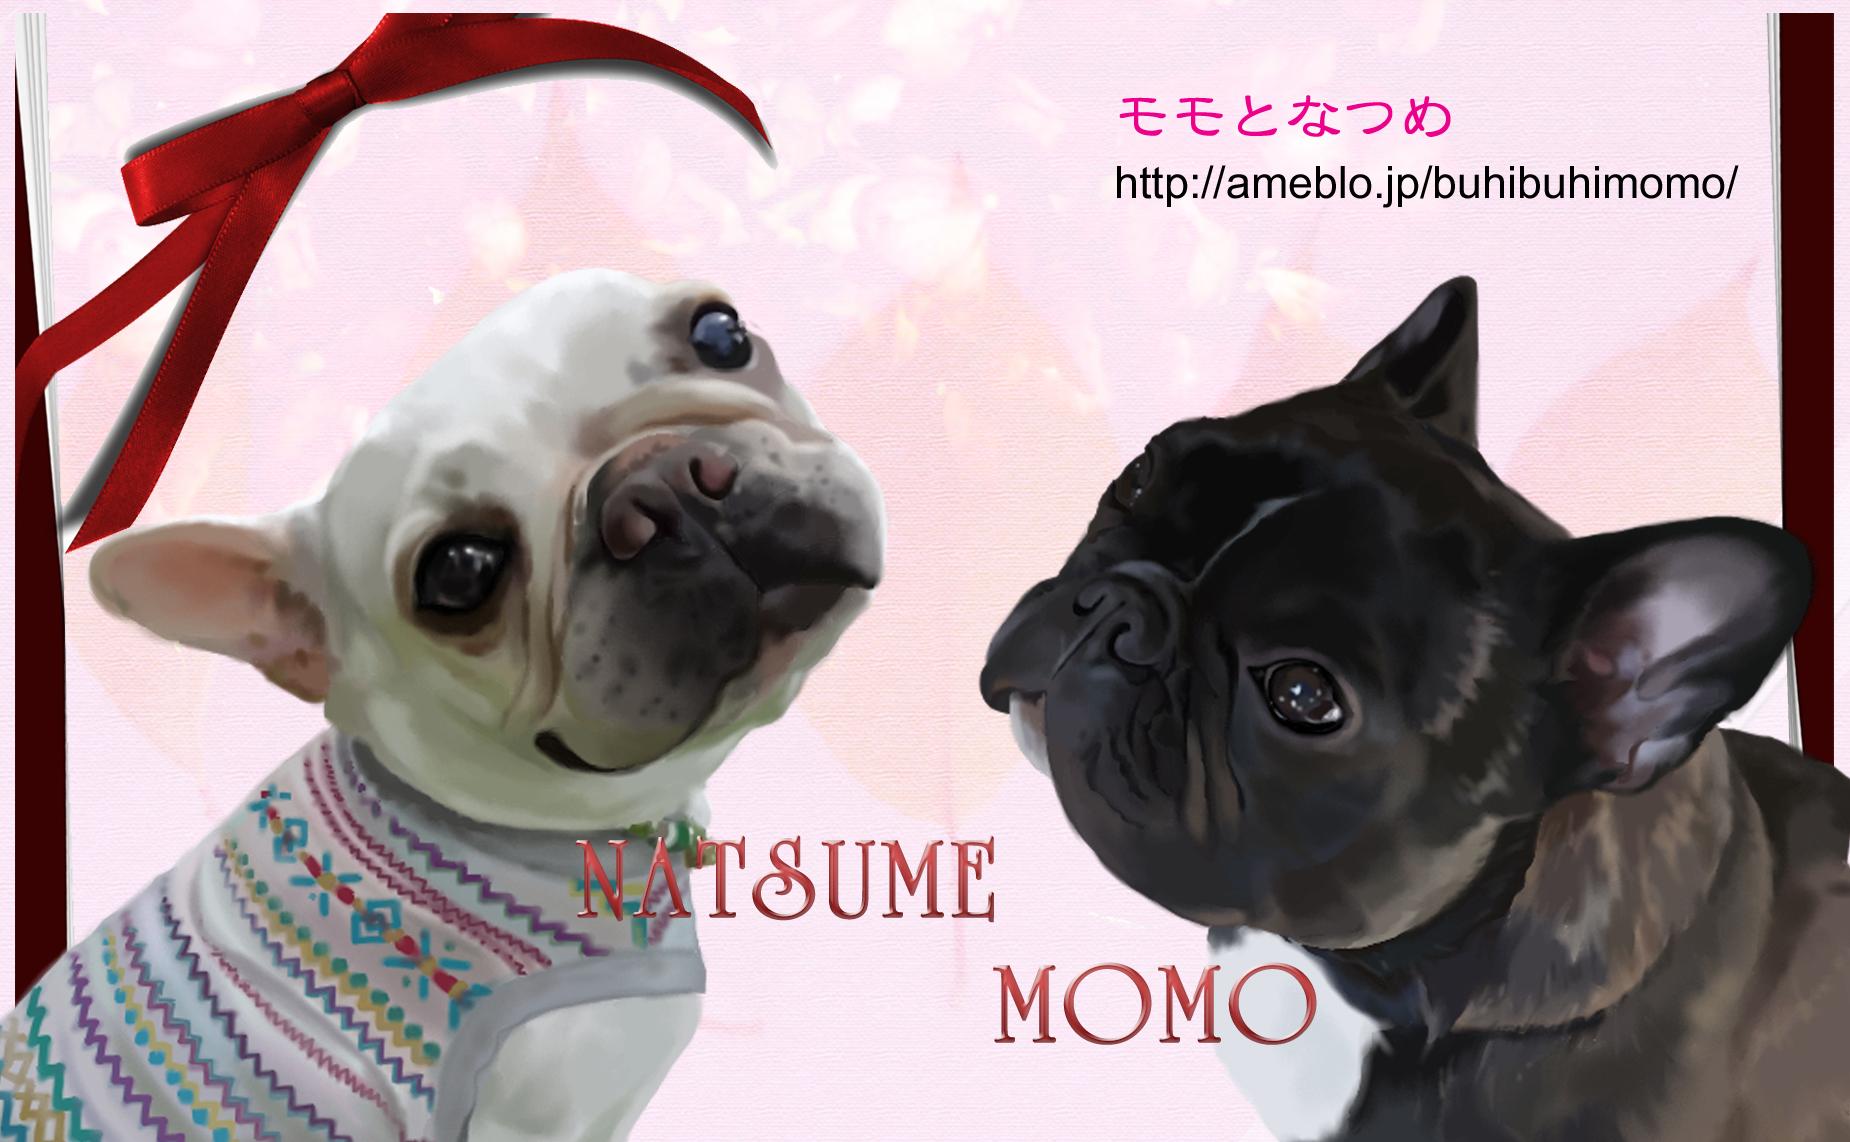 momonatsume-mei-4.jpg